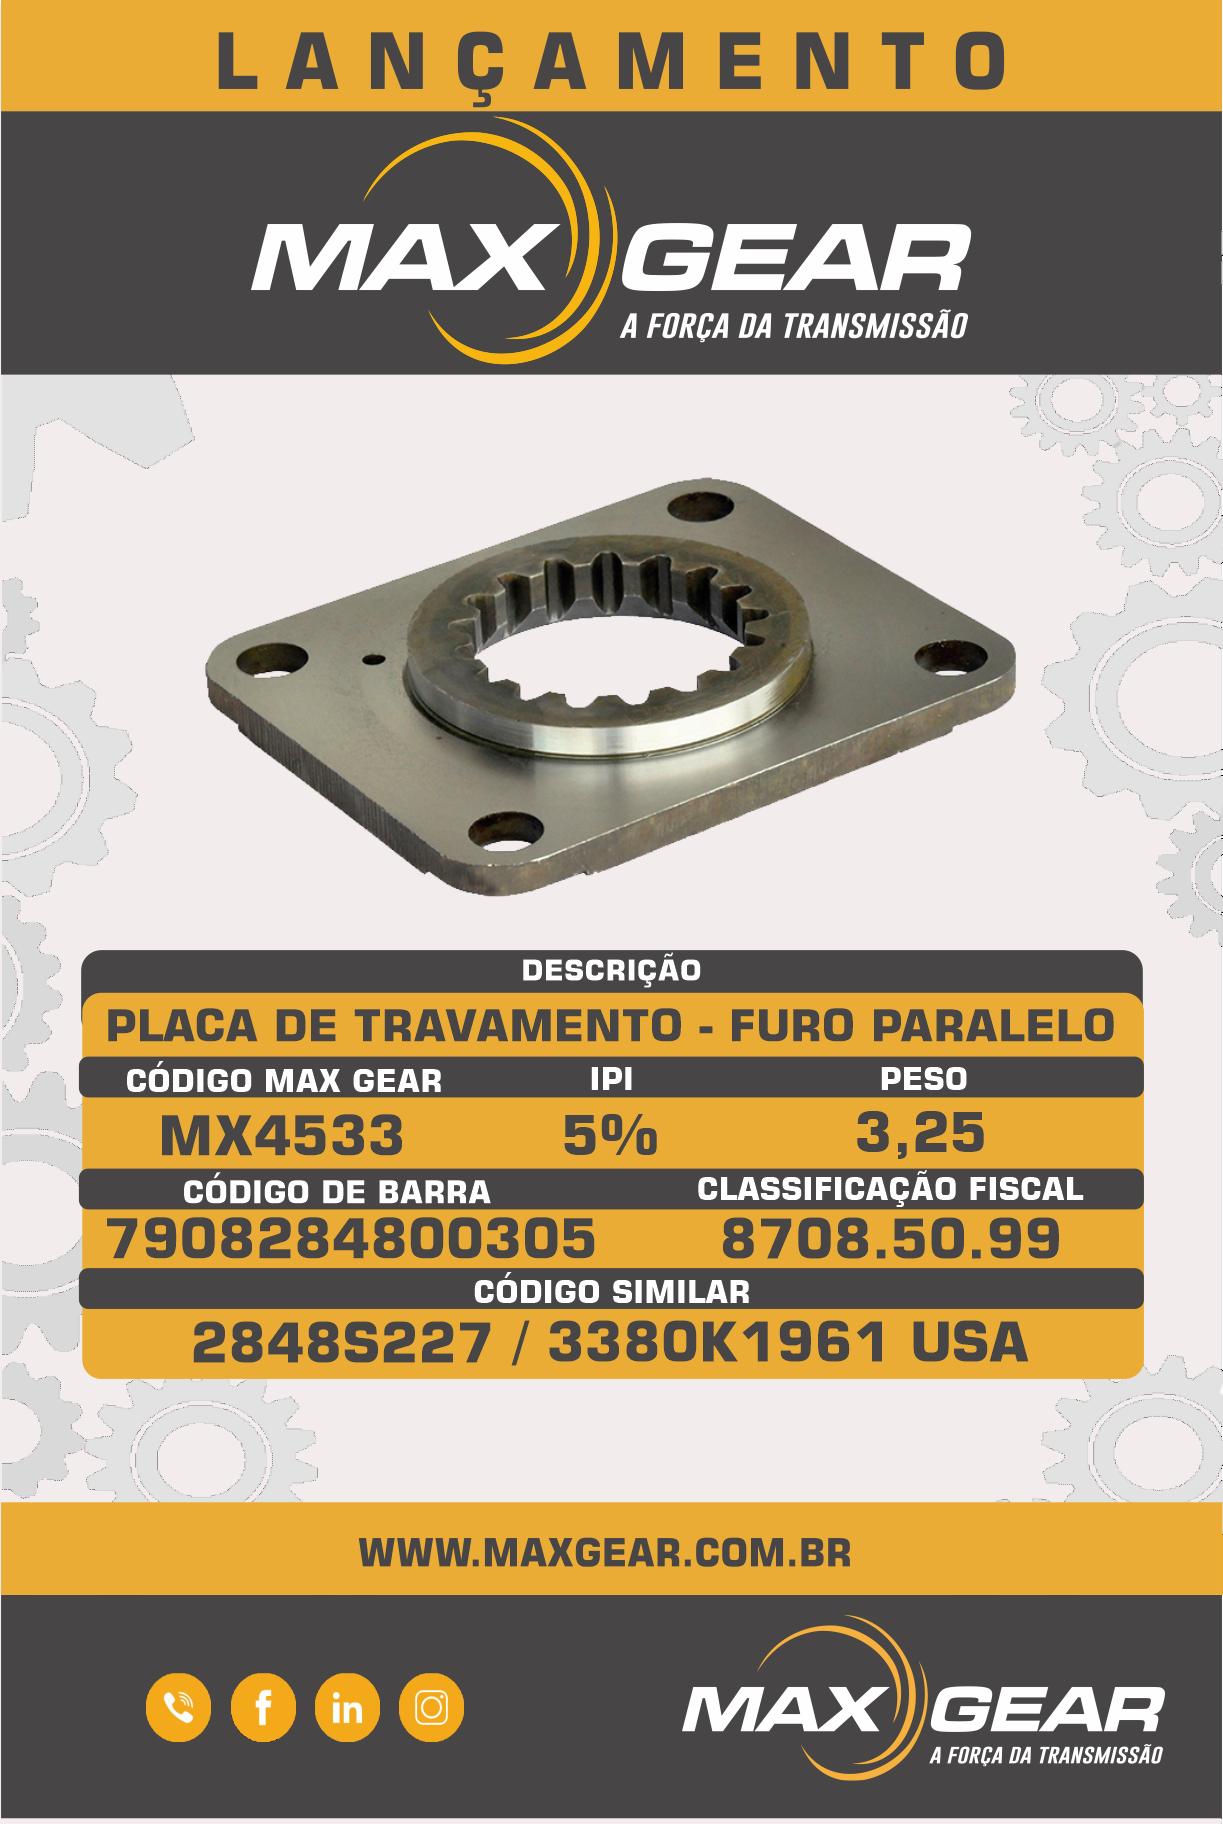 Lançamento MX4533